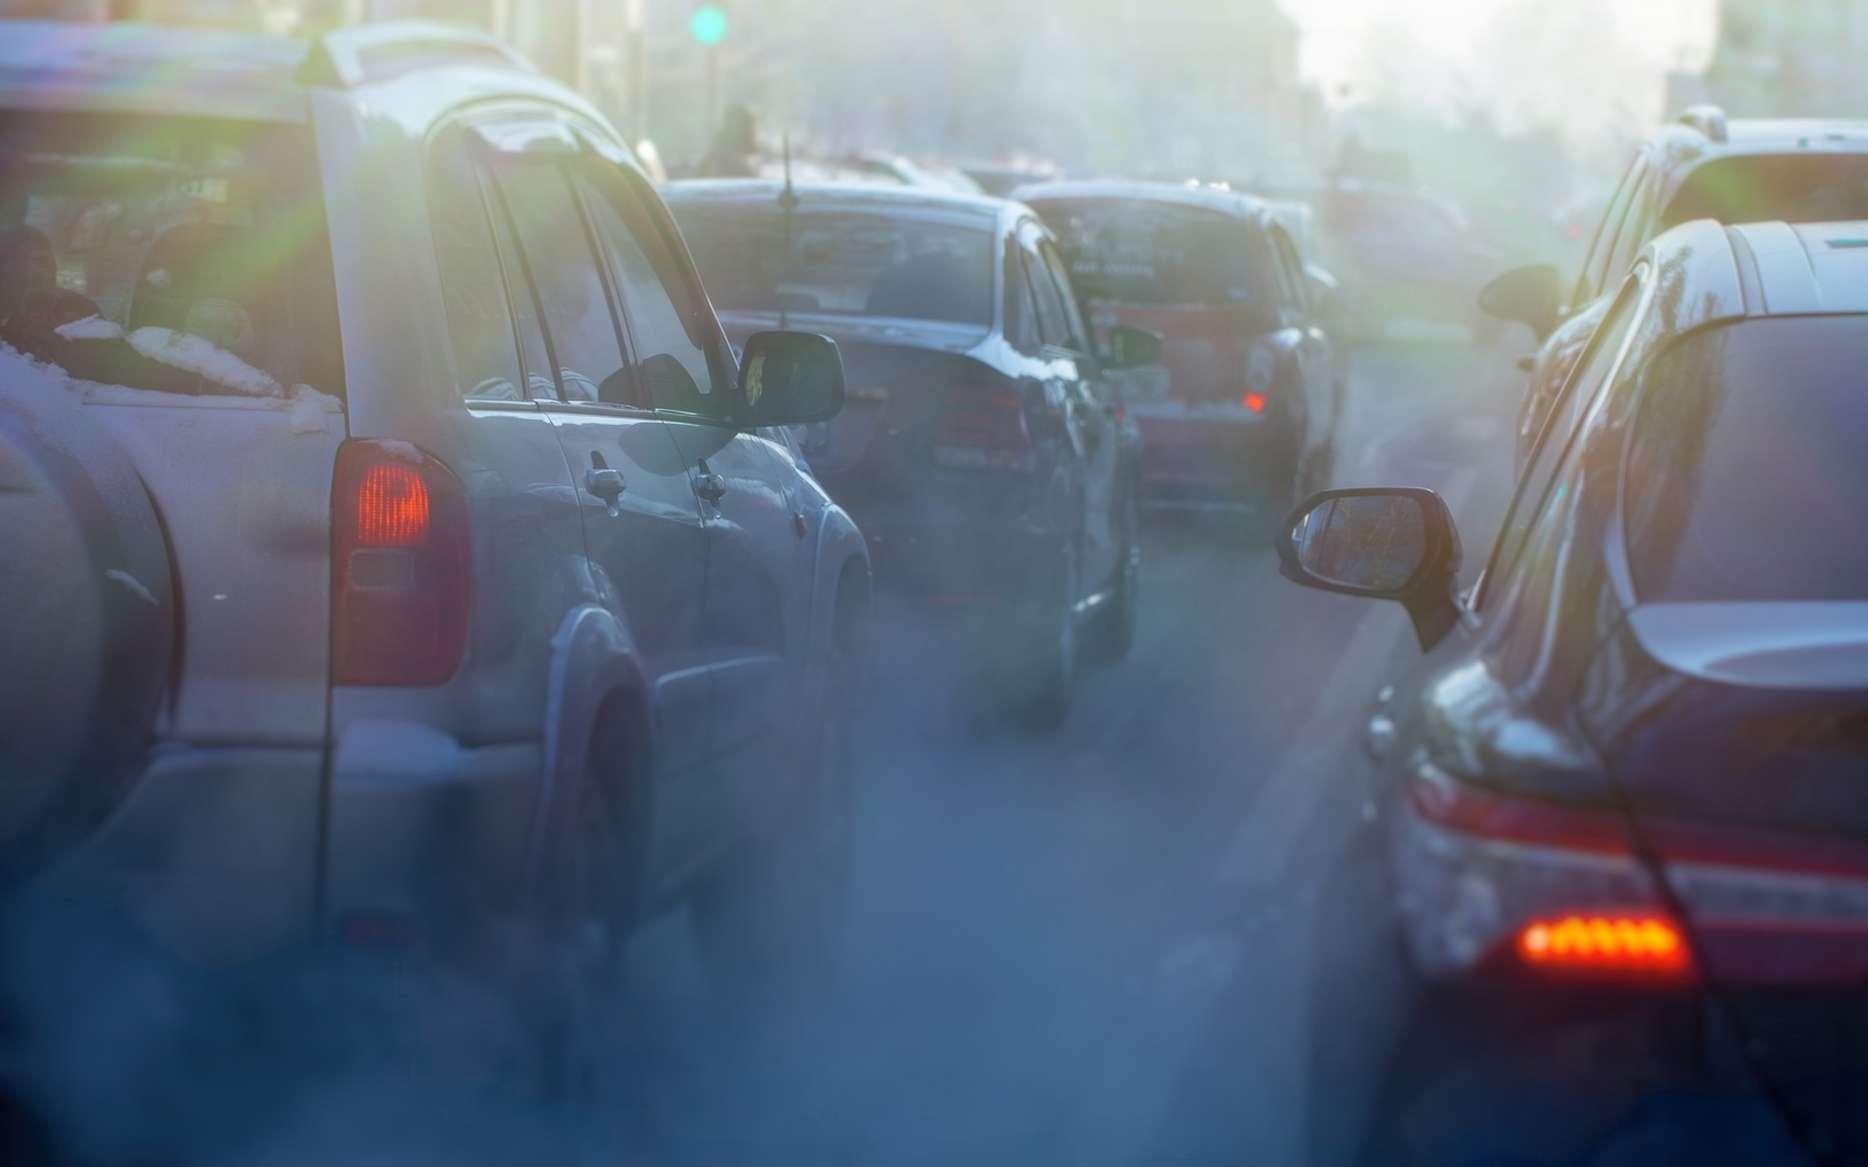 L'Anses recommande d'encourager la réduction du trafic, à travers notamment le renforcement des autres modes de mobilité, dans le cadre des politiques d'amélioration de la qualité de l'air. © Nady, Fotolia